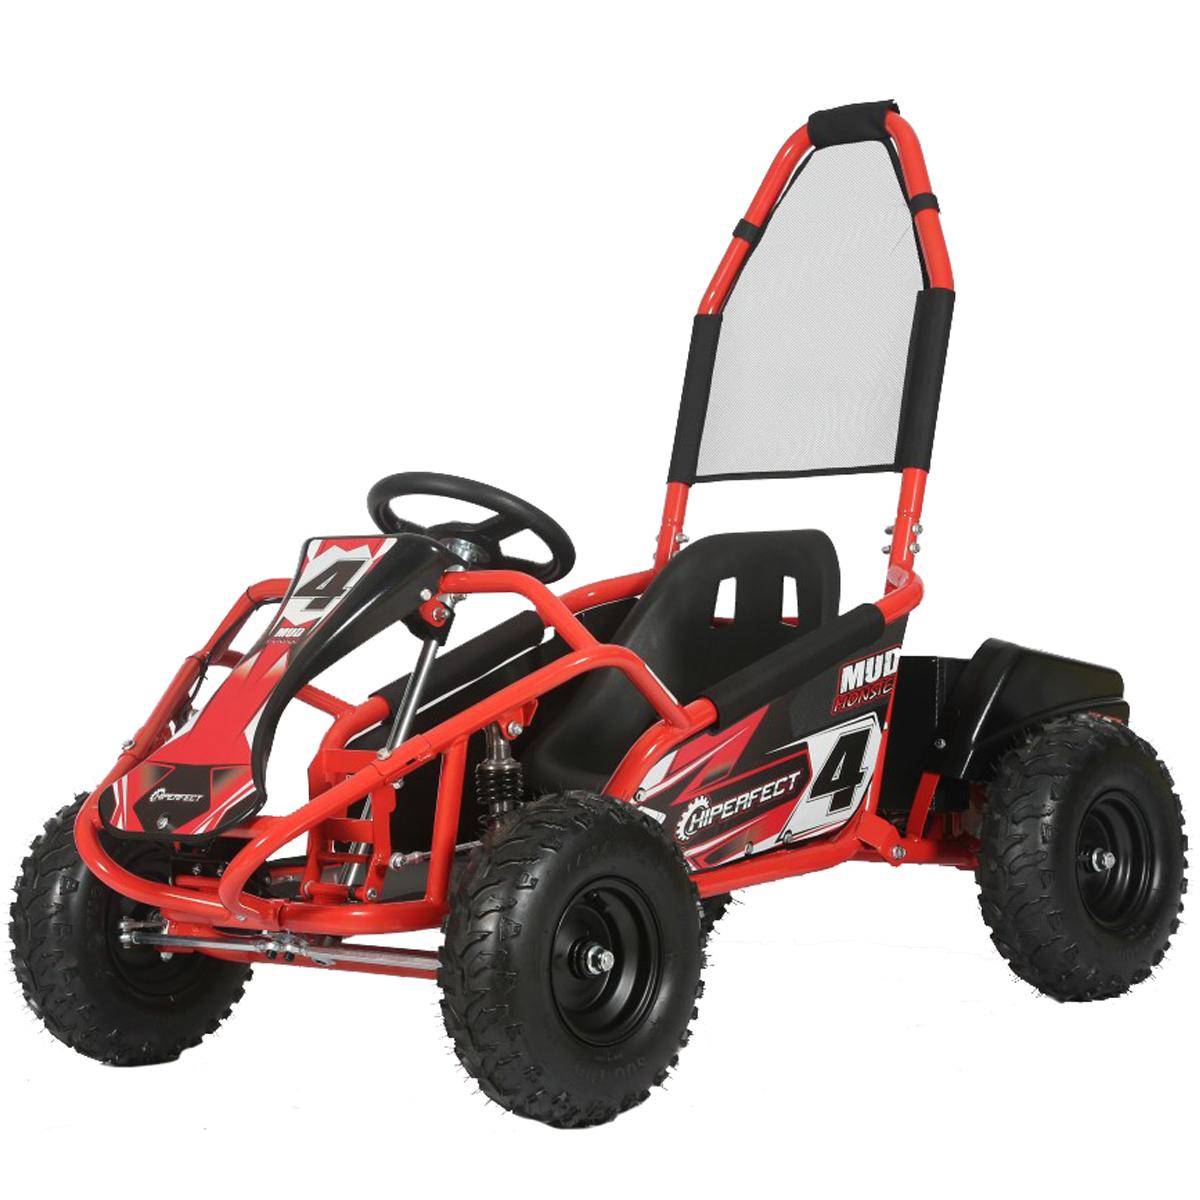 Red Mud Monster 1000w 20ah 48v Kids Electric Go Kart